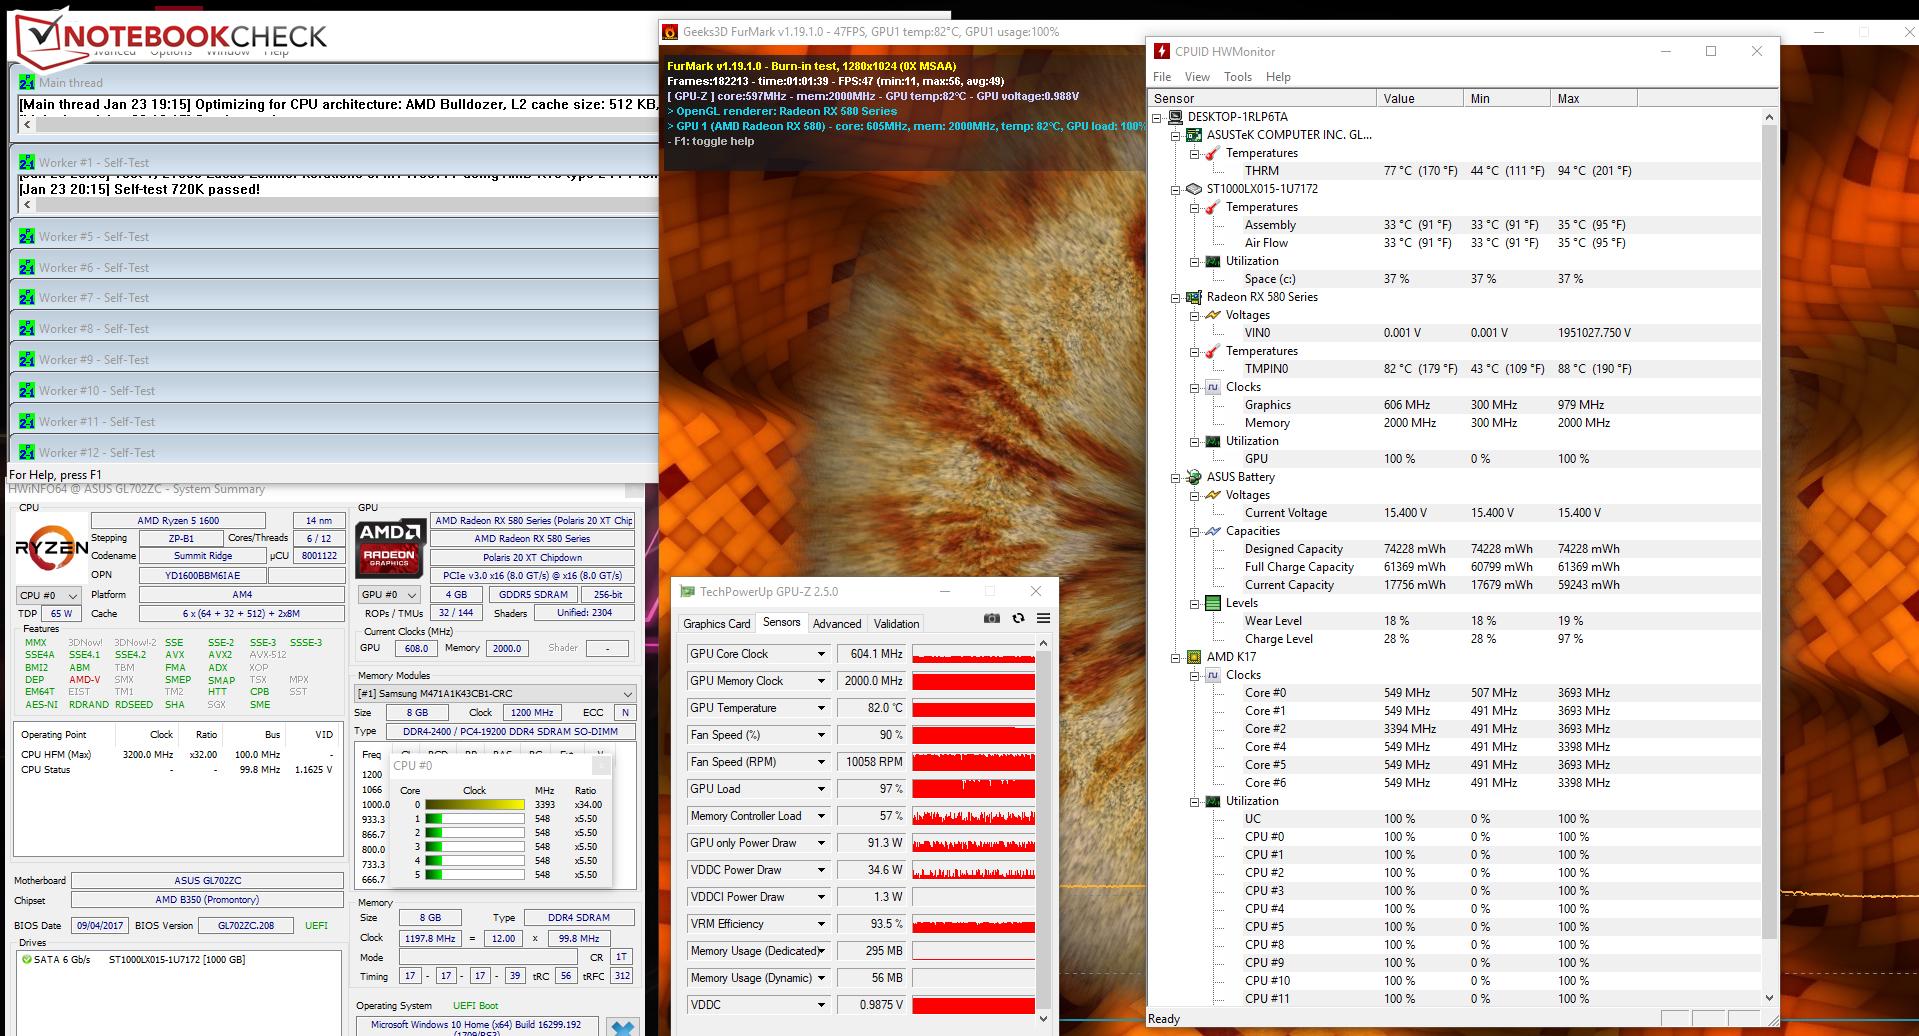 Asus ROG Strix GL702ZC (Ryzen 5 1600, Radeon RX 580, FHD